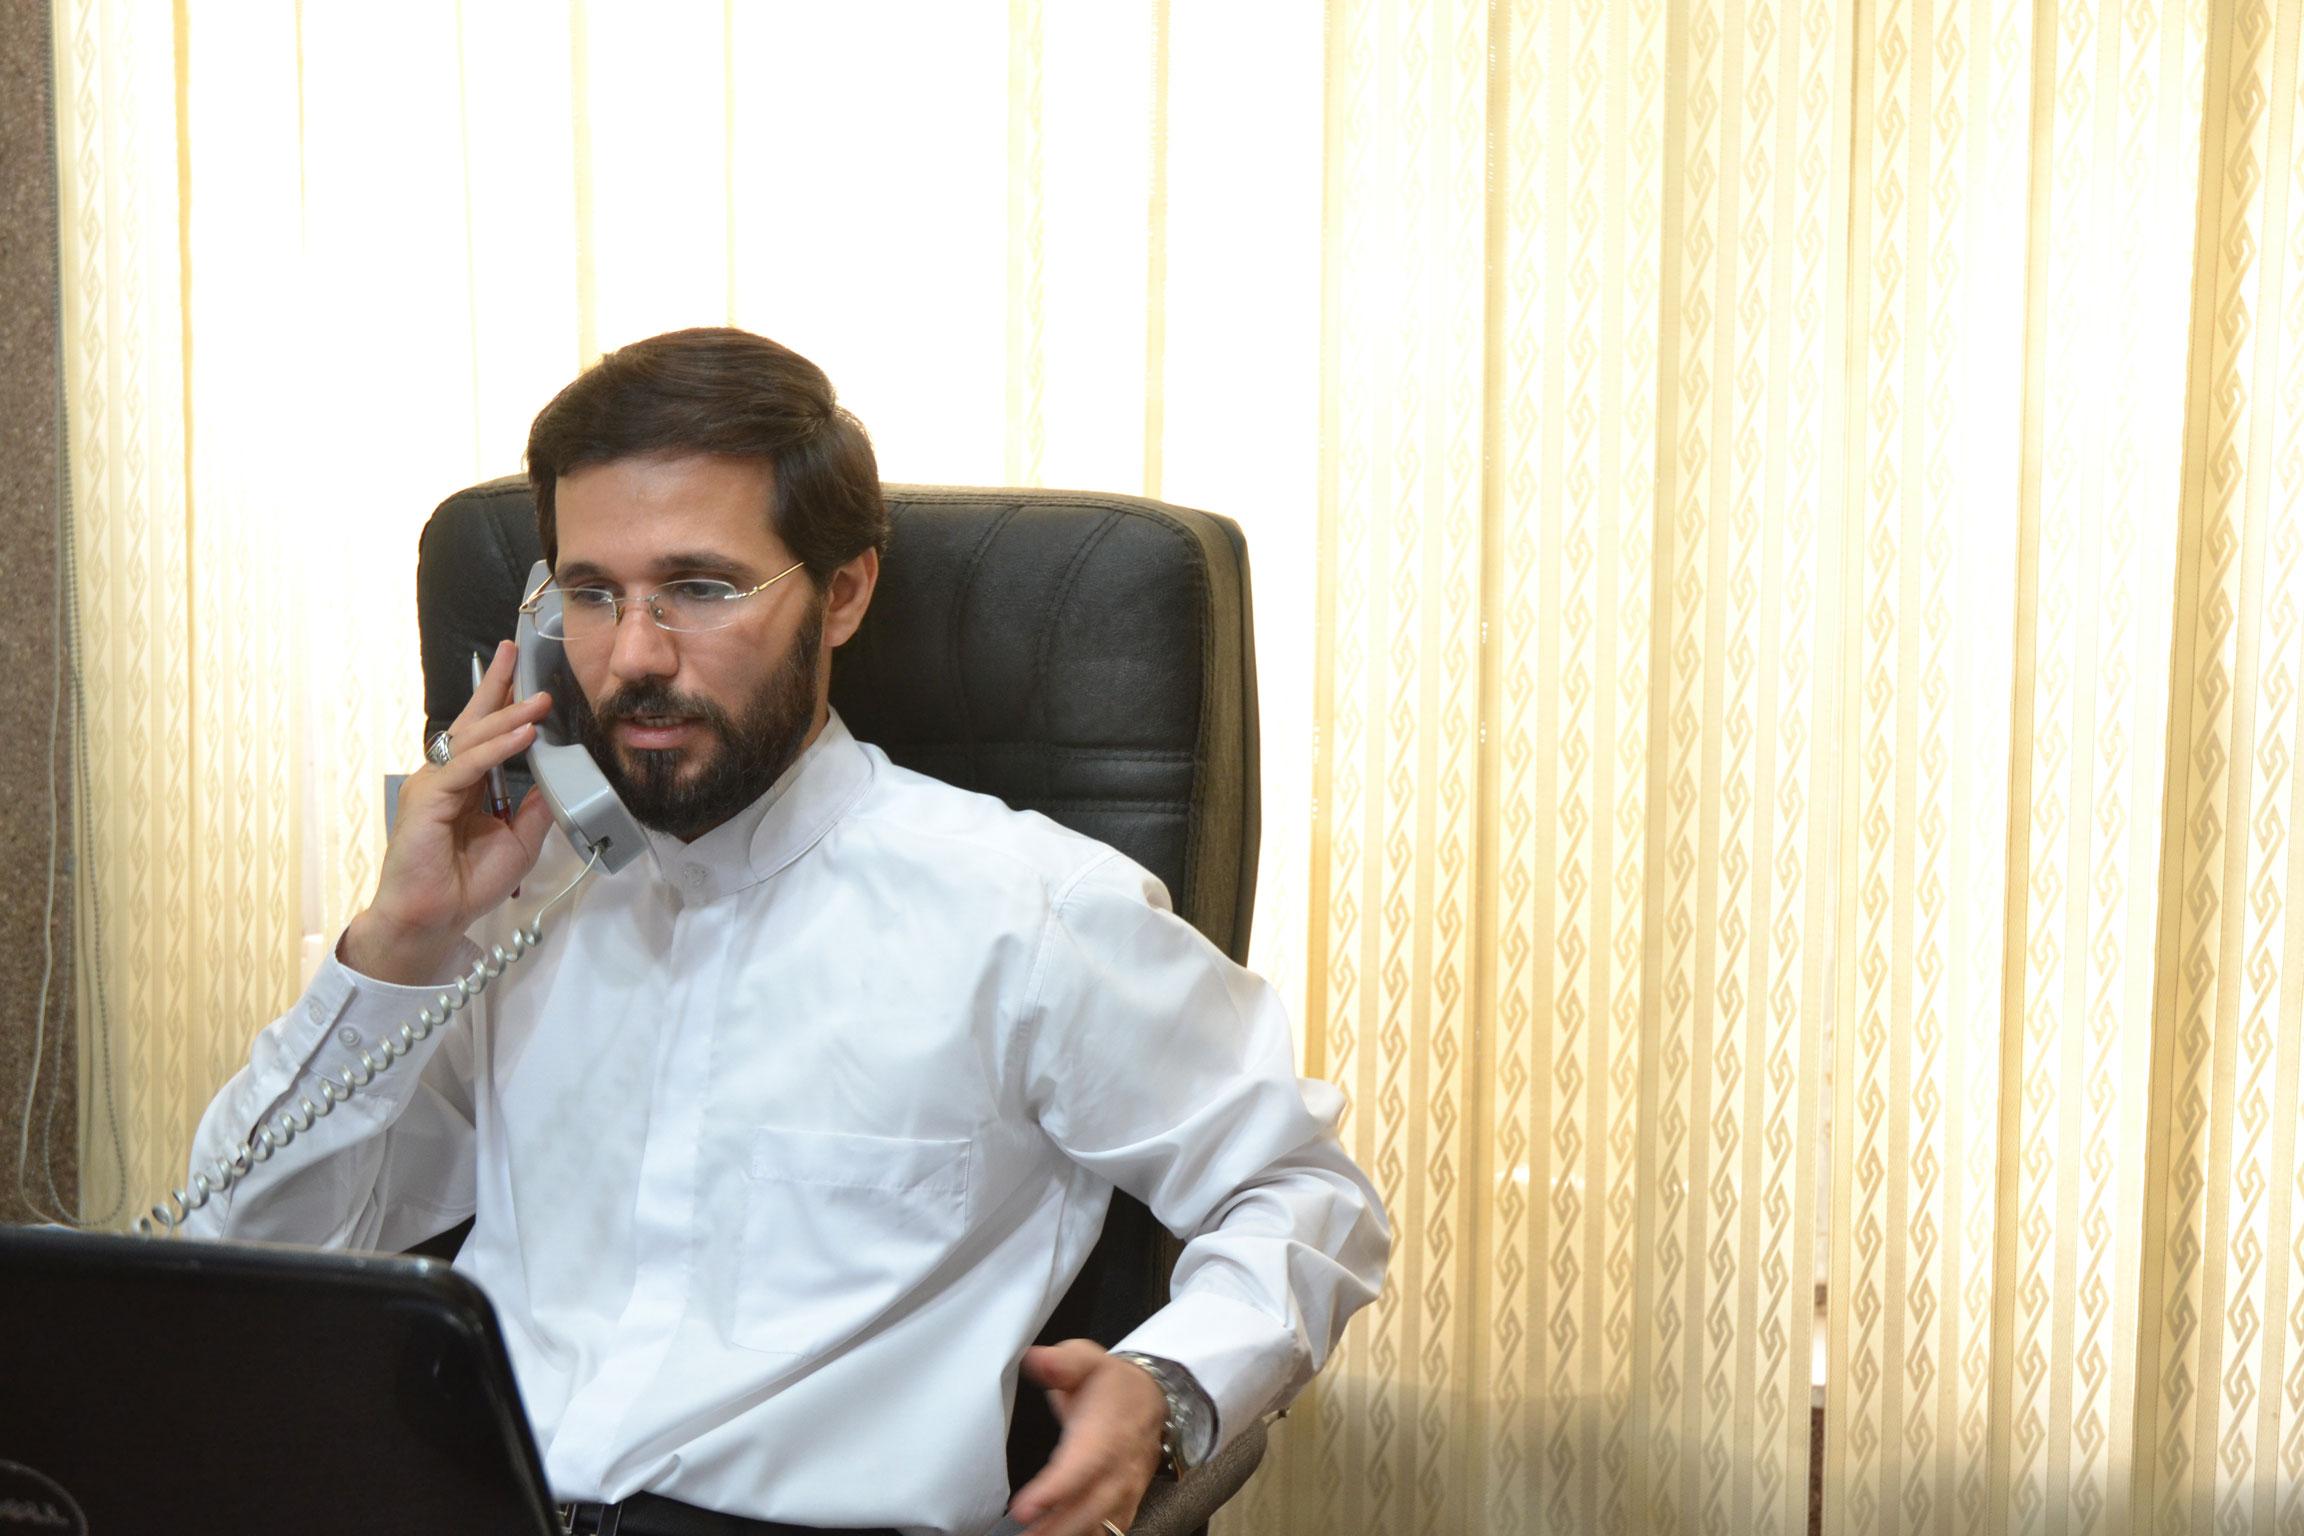 تماس تلفنی مهندس حسینی در رابطه با صلح بین الملل